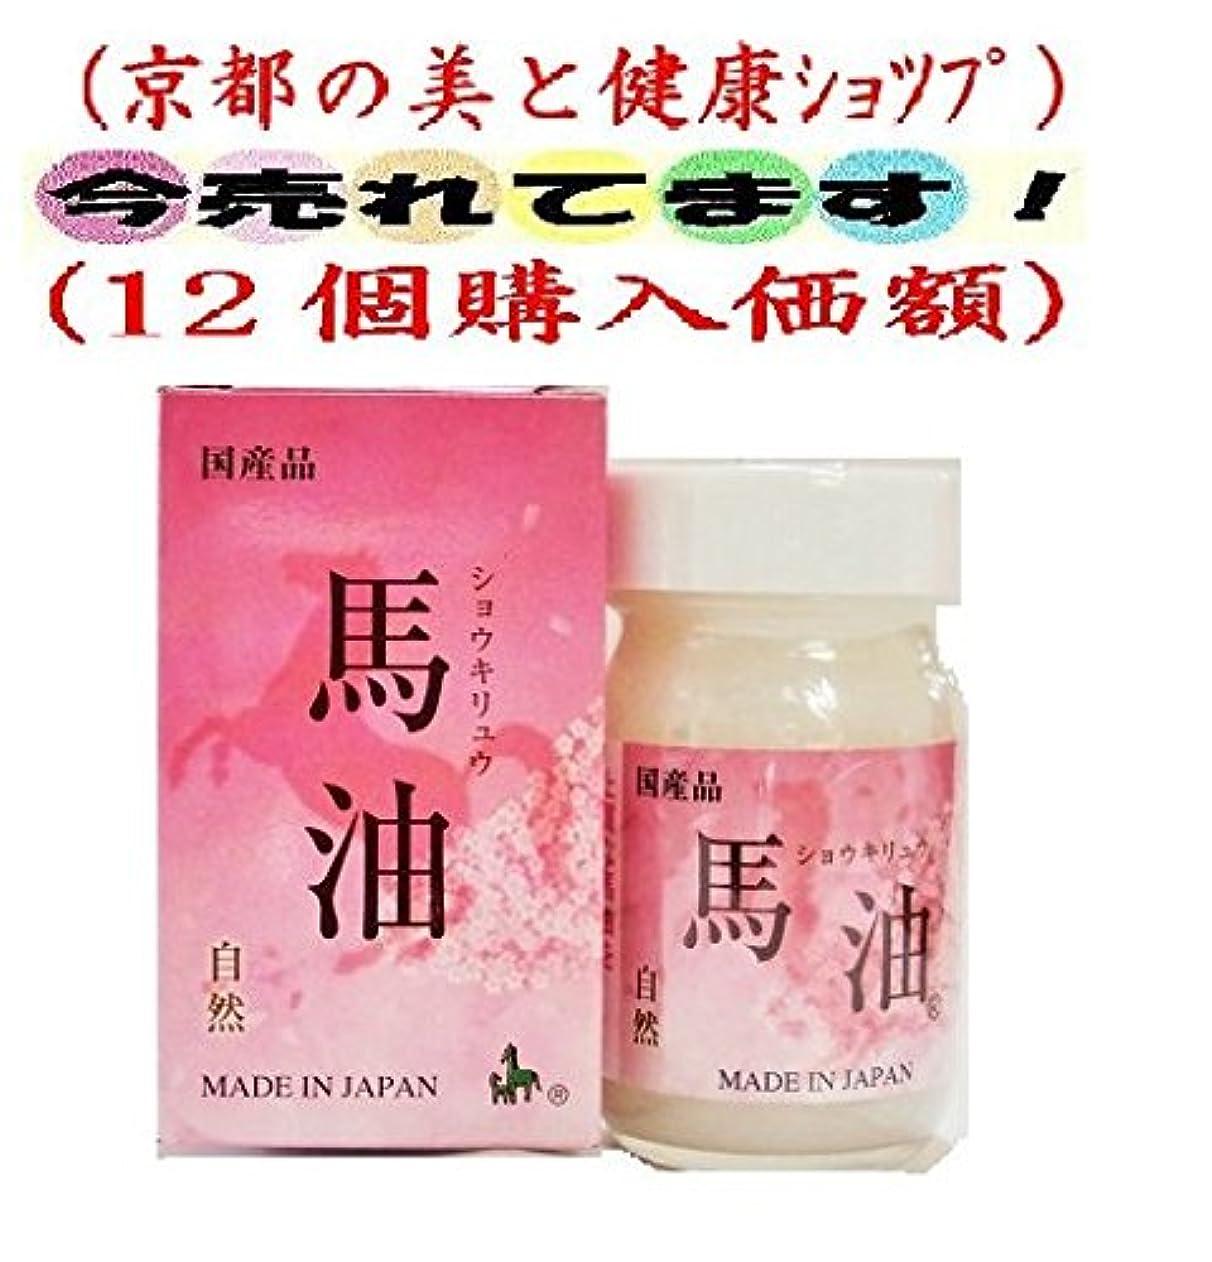 好ましい評論家農業ショウキリュウ 馬油 自然 70ml (桜 ピンク化粧箱 12個購入価額)